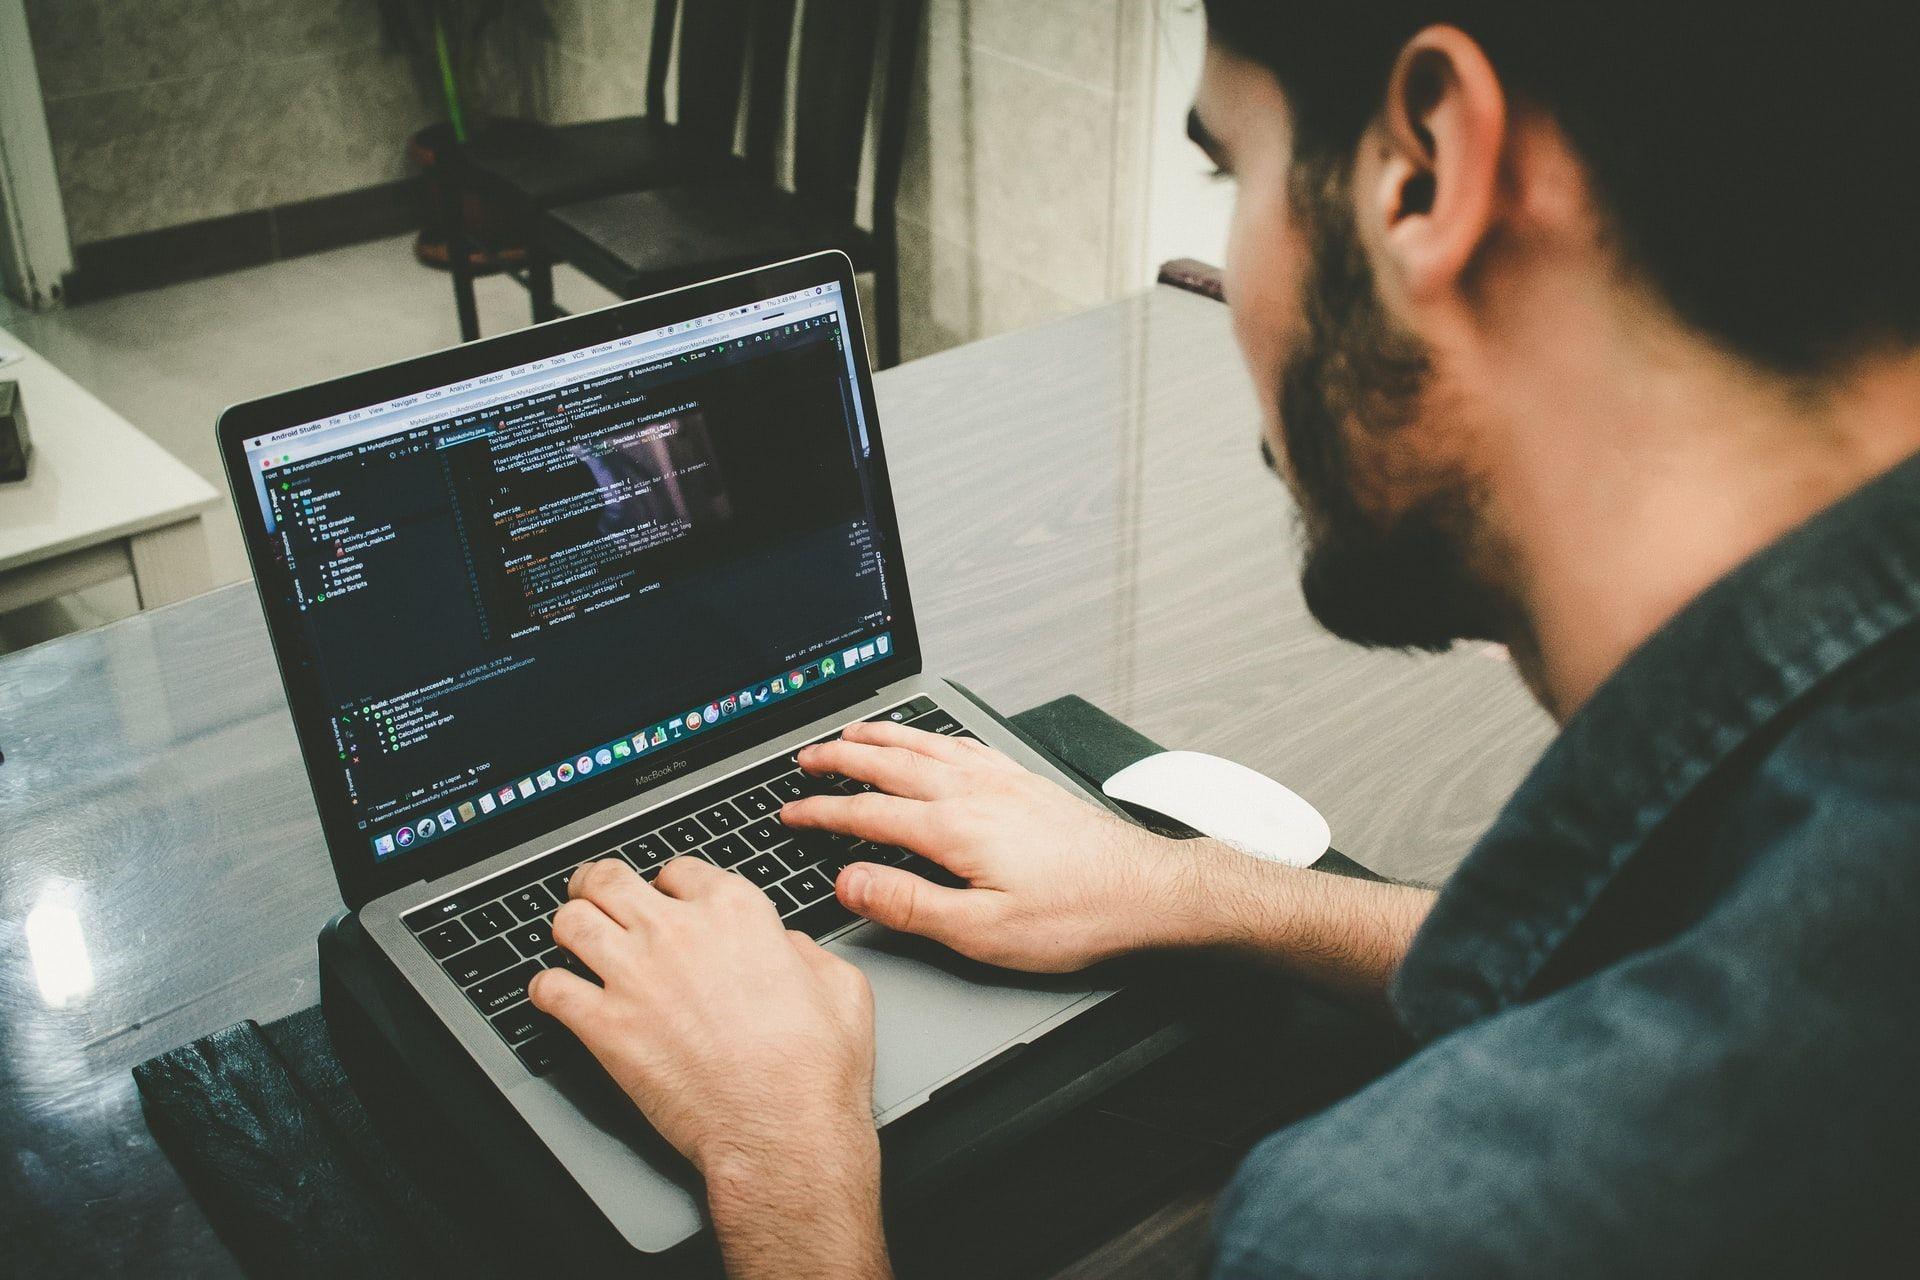 راهکارهایی برای آسانتر کردن پروسهی سخت یادگیری کدنویسی